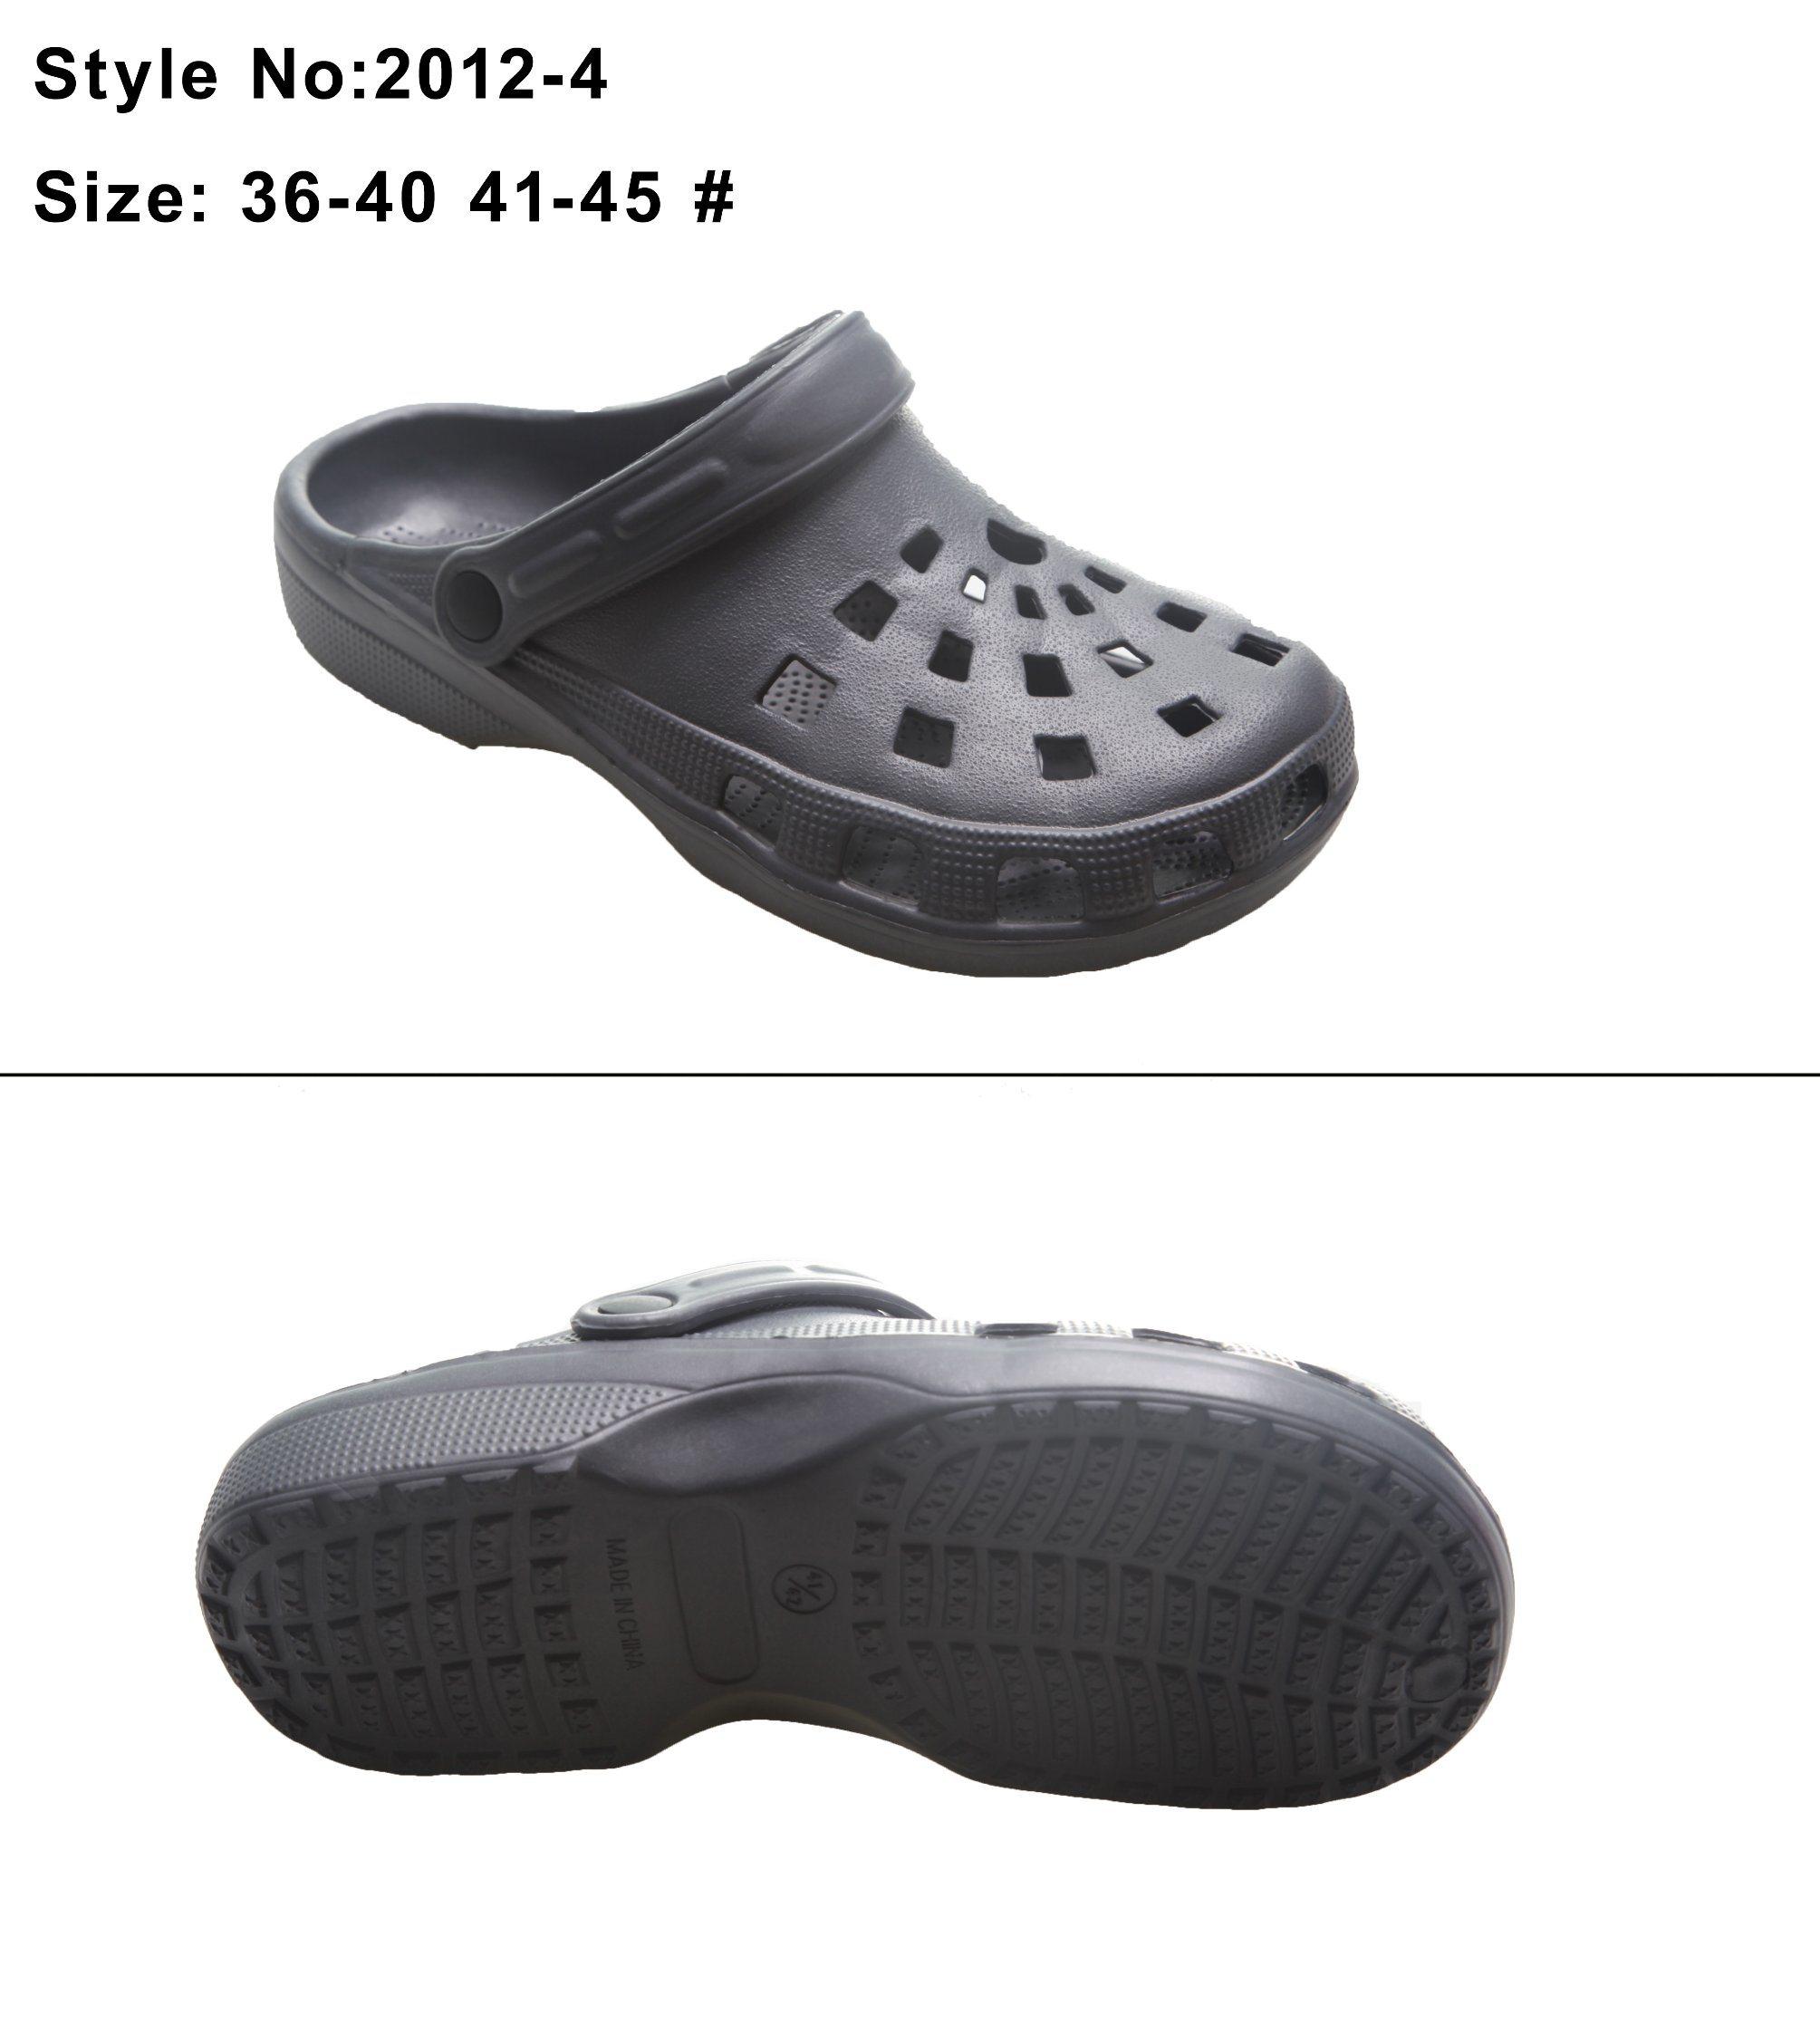 319b28a735c1e China Custom Logo Unisex Holey Upper Anti-Slip EVA Garden Clogs - China Clog